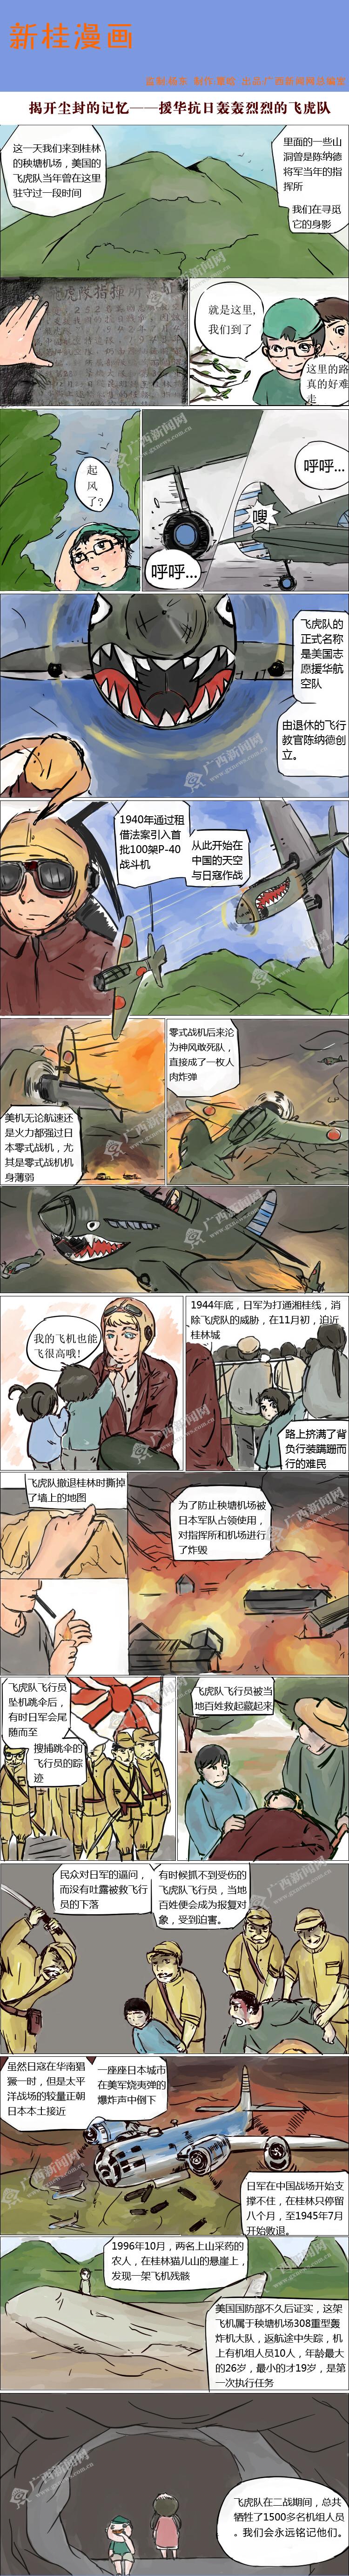 [新桂漫画]揭开尘封的记忆──援华抗日轰轰烈烈的飞虎队